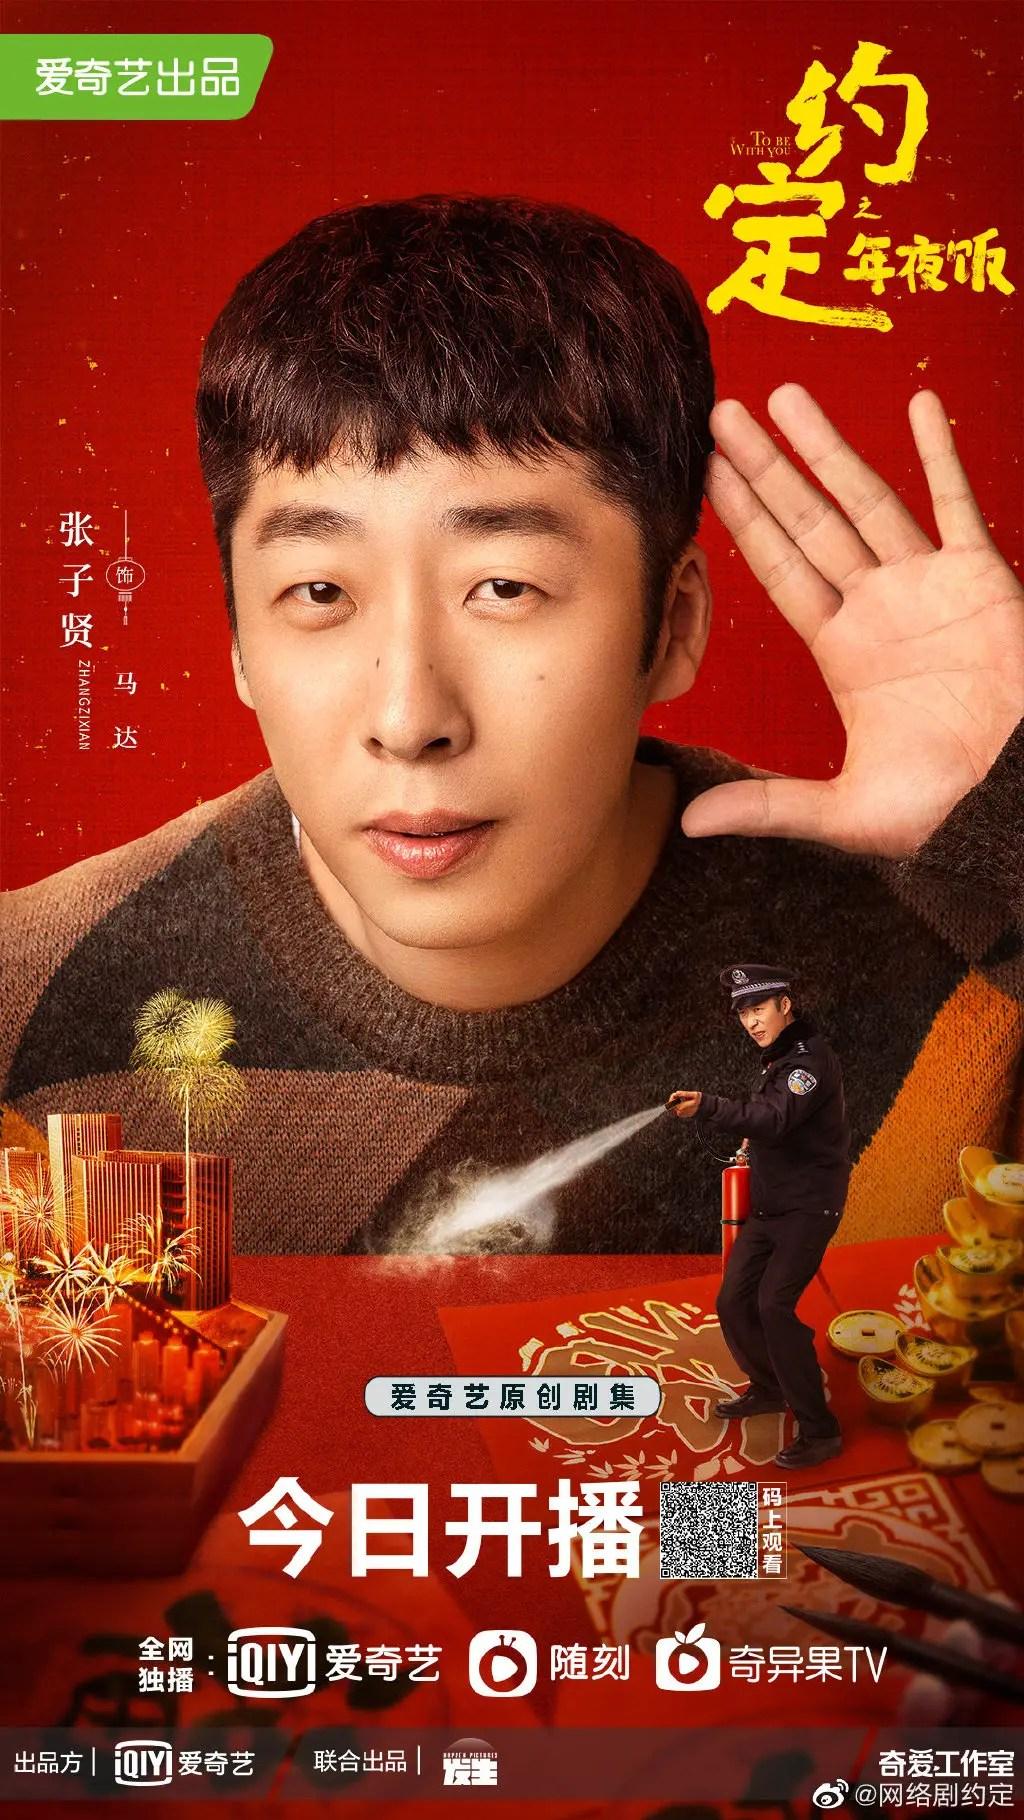 Zhang Zi Xian